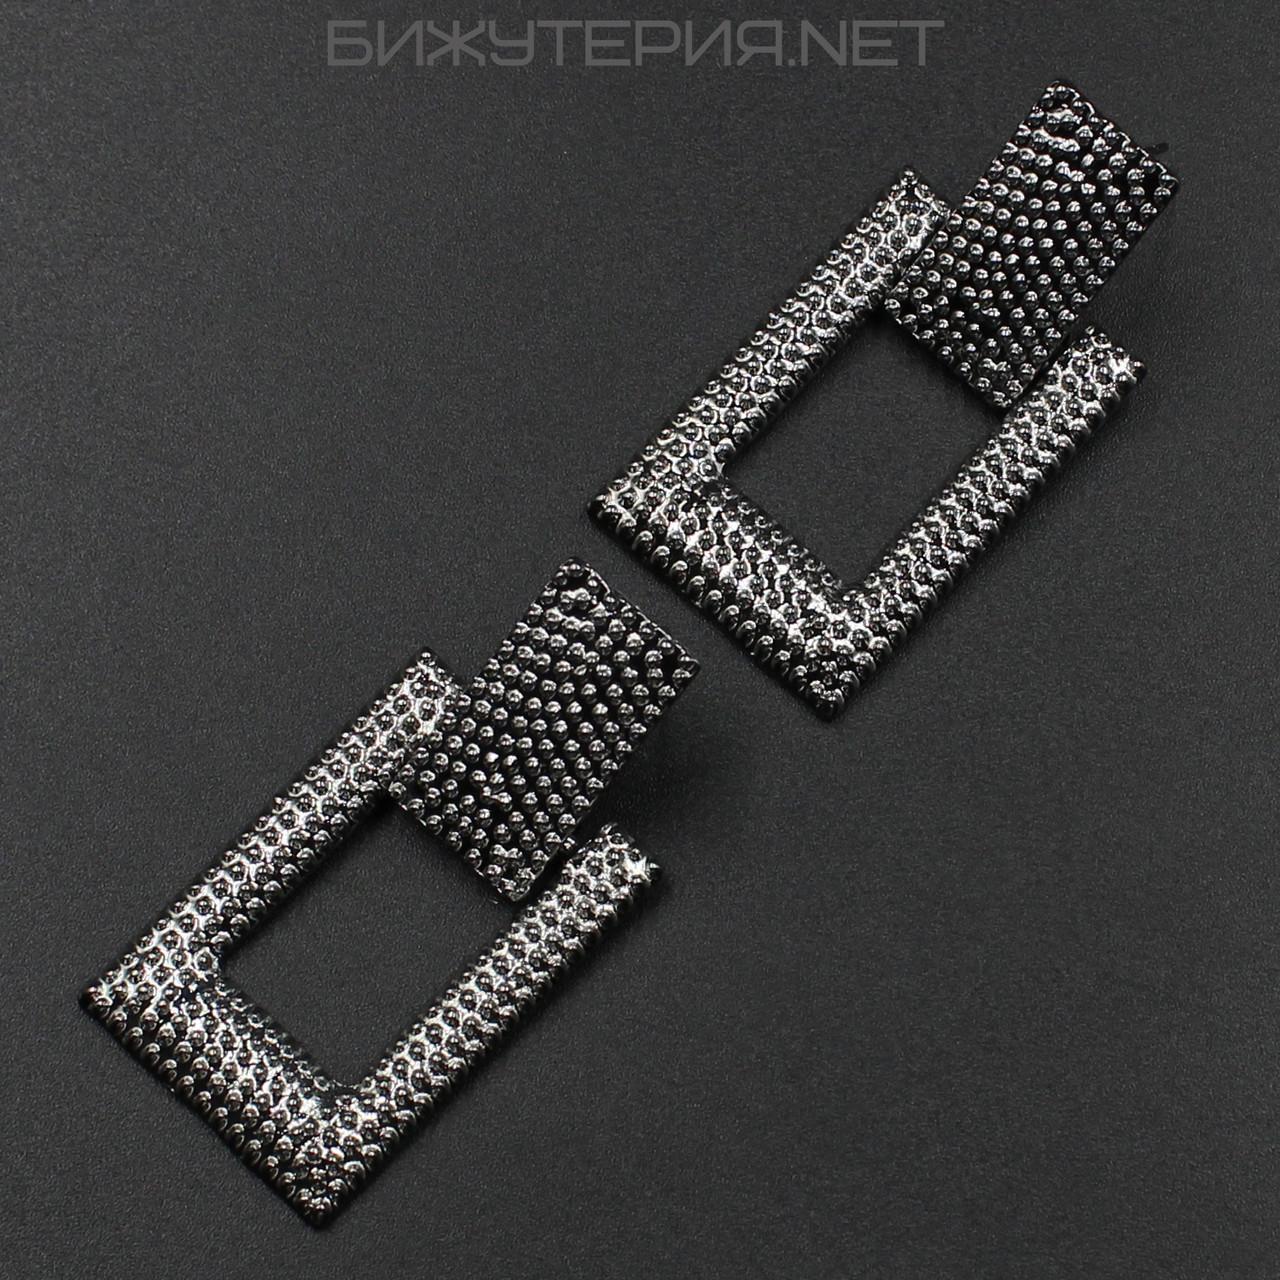 Винтажные серьги JB Геометрия металлические, эмаль серого цвета - 1054578093